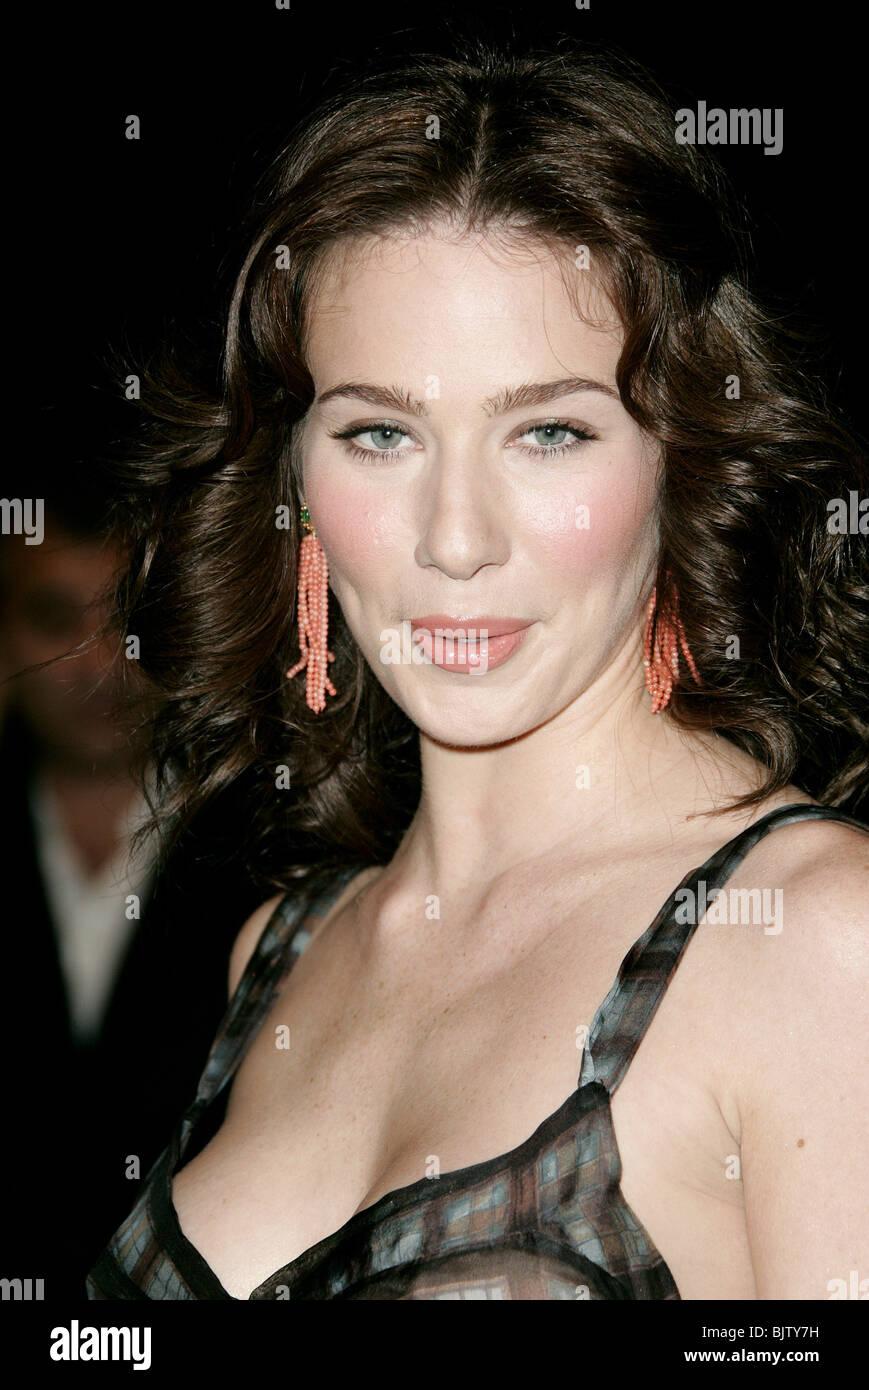 LYNN COLLINS LE MARCHAND DE VENISE de L.A. P CINERAMA DOME HOLLYWOOD LOS ANGELES USA 09 novembre 2004 Photo Stock